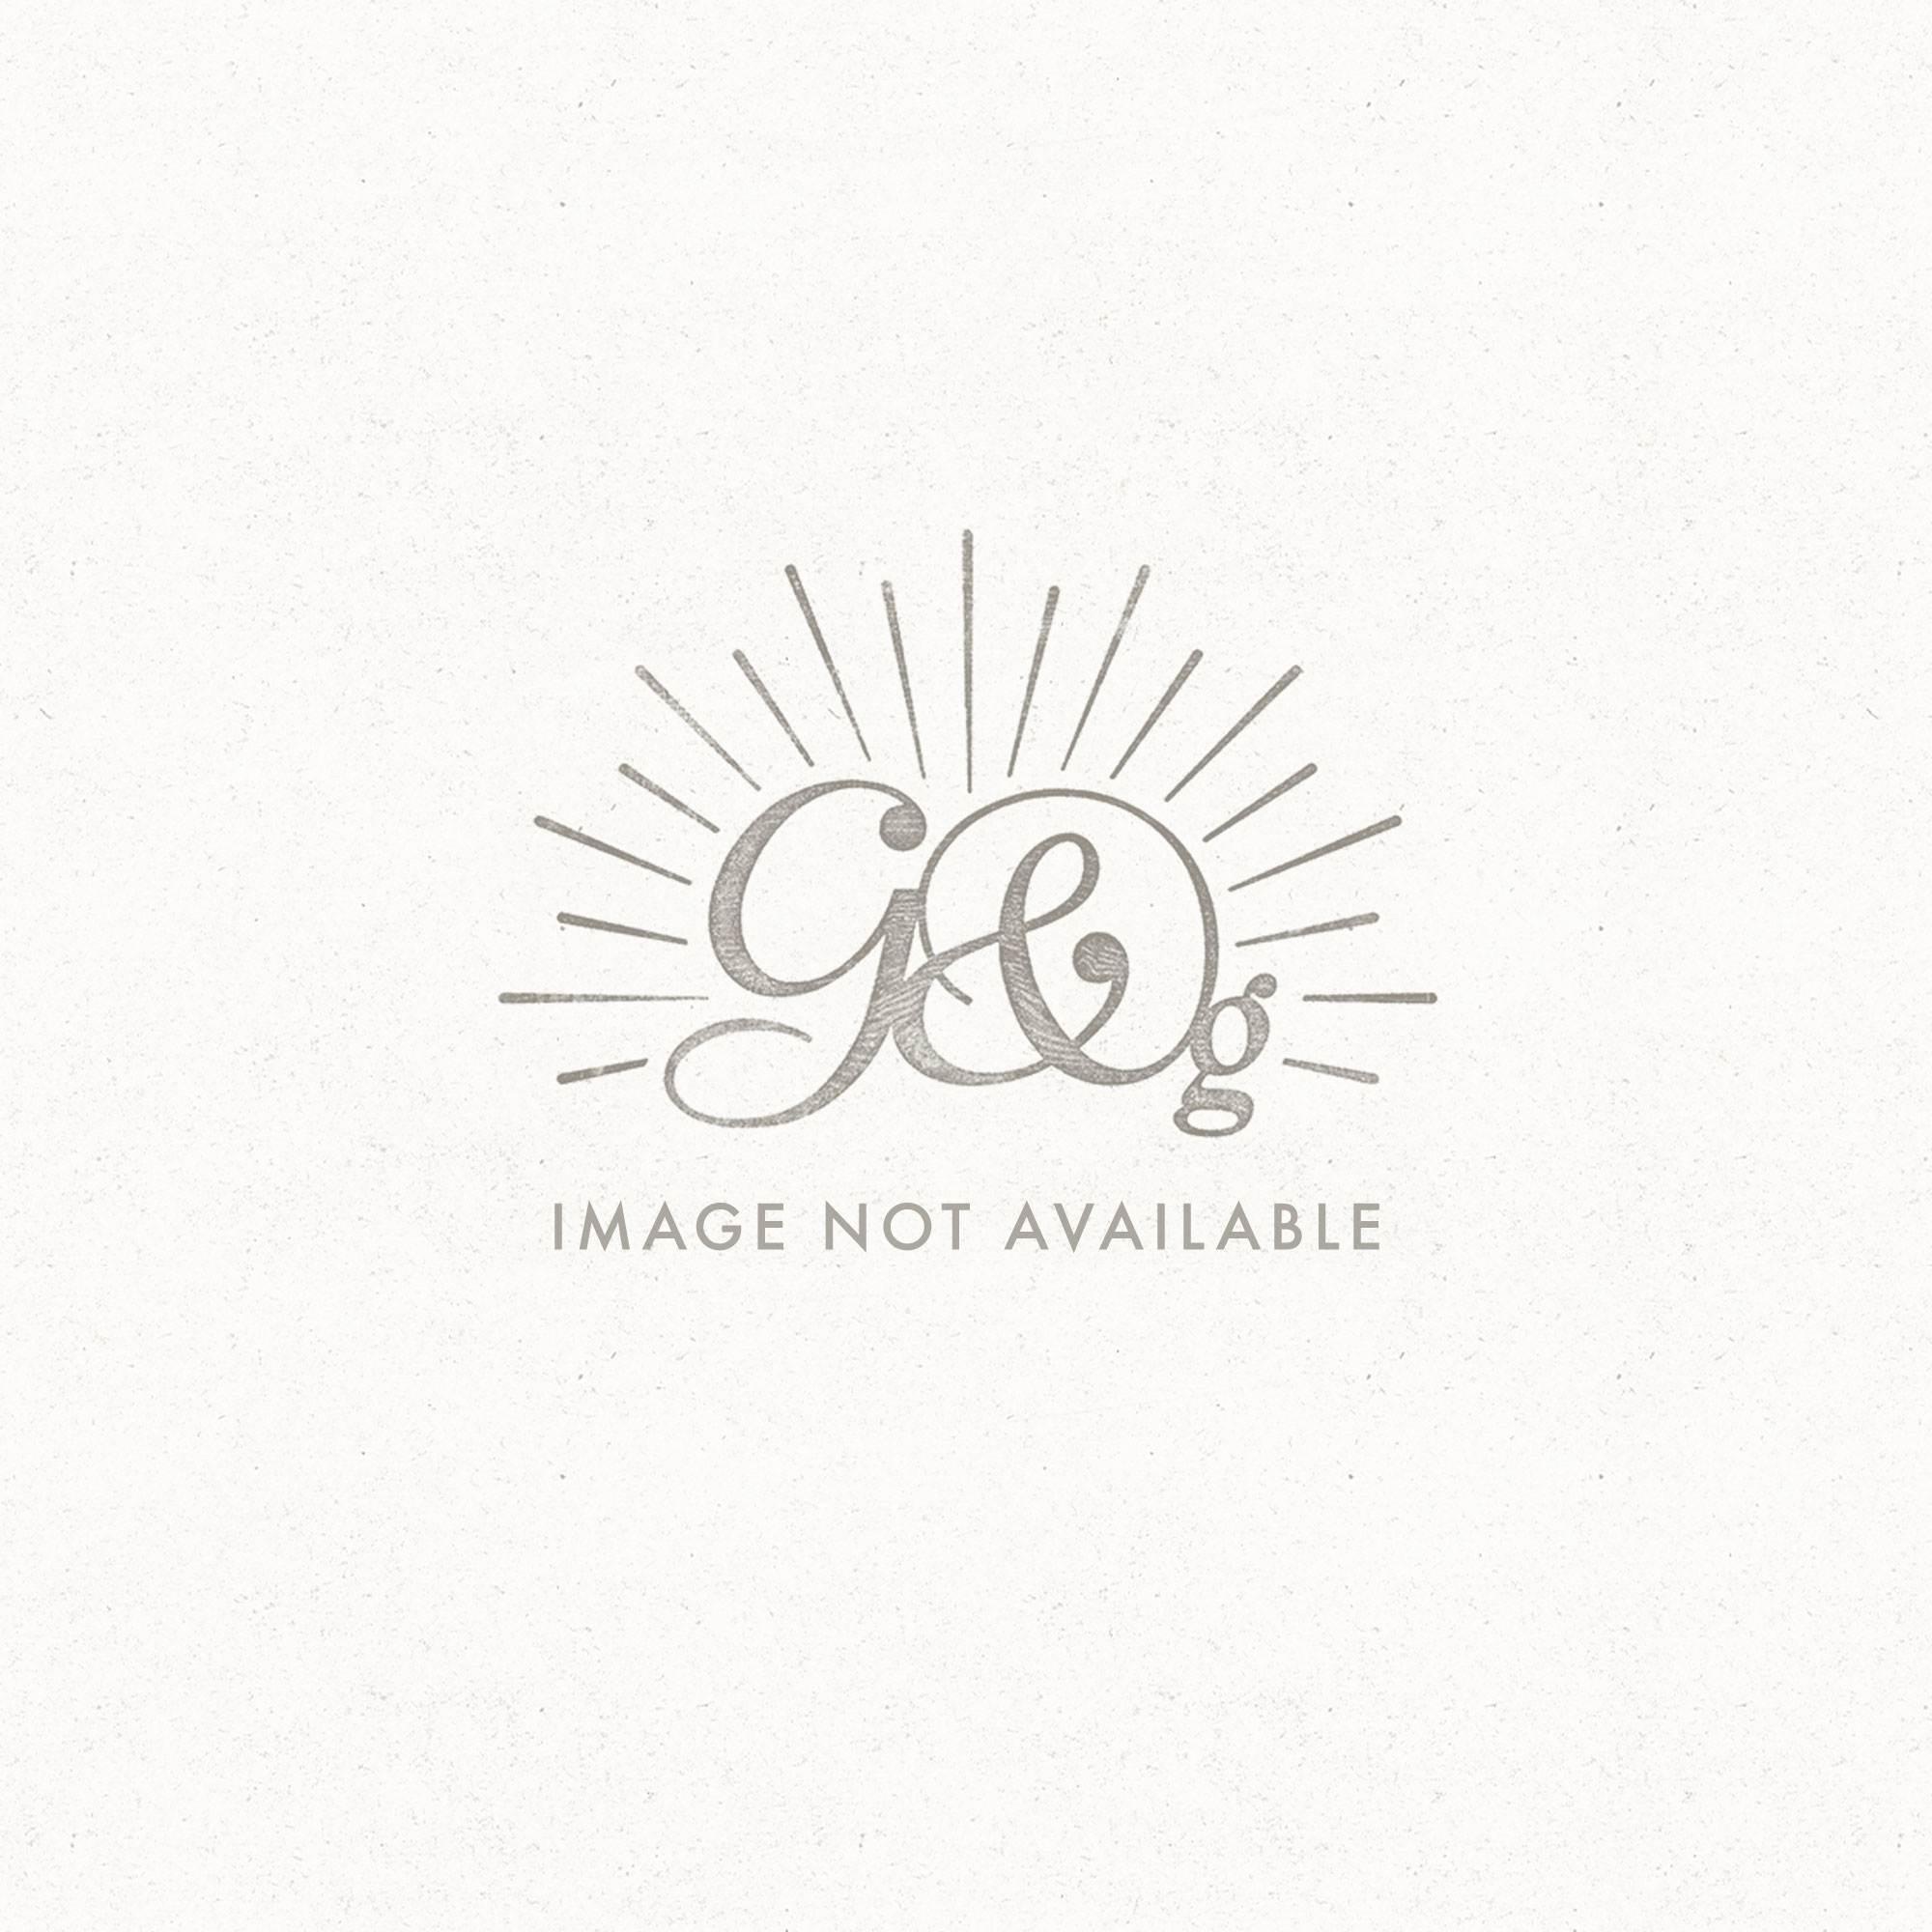 Lina teal Nude Photos 70